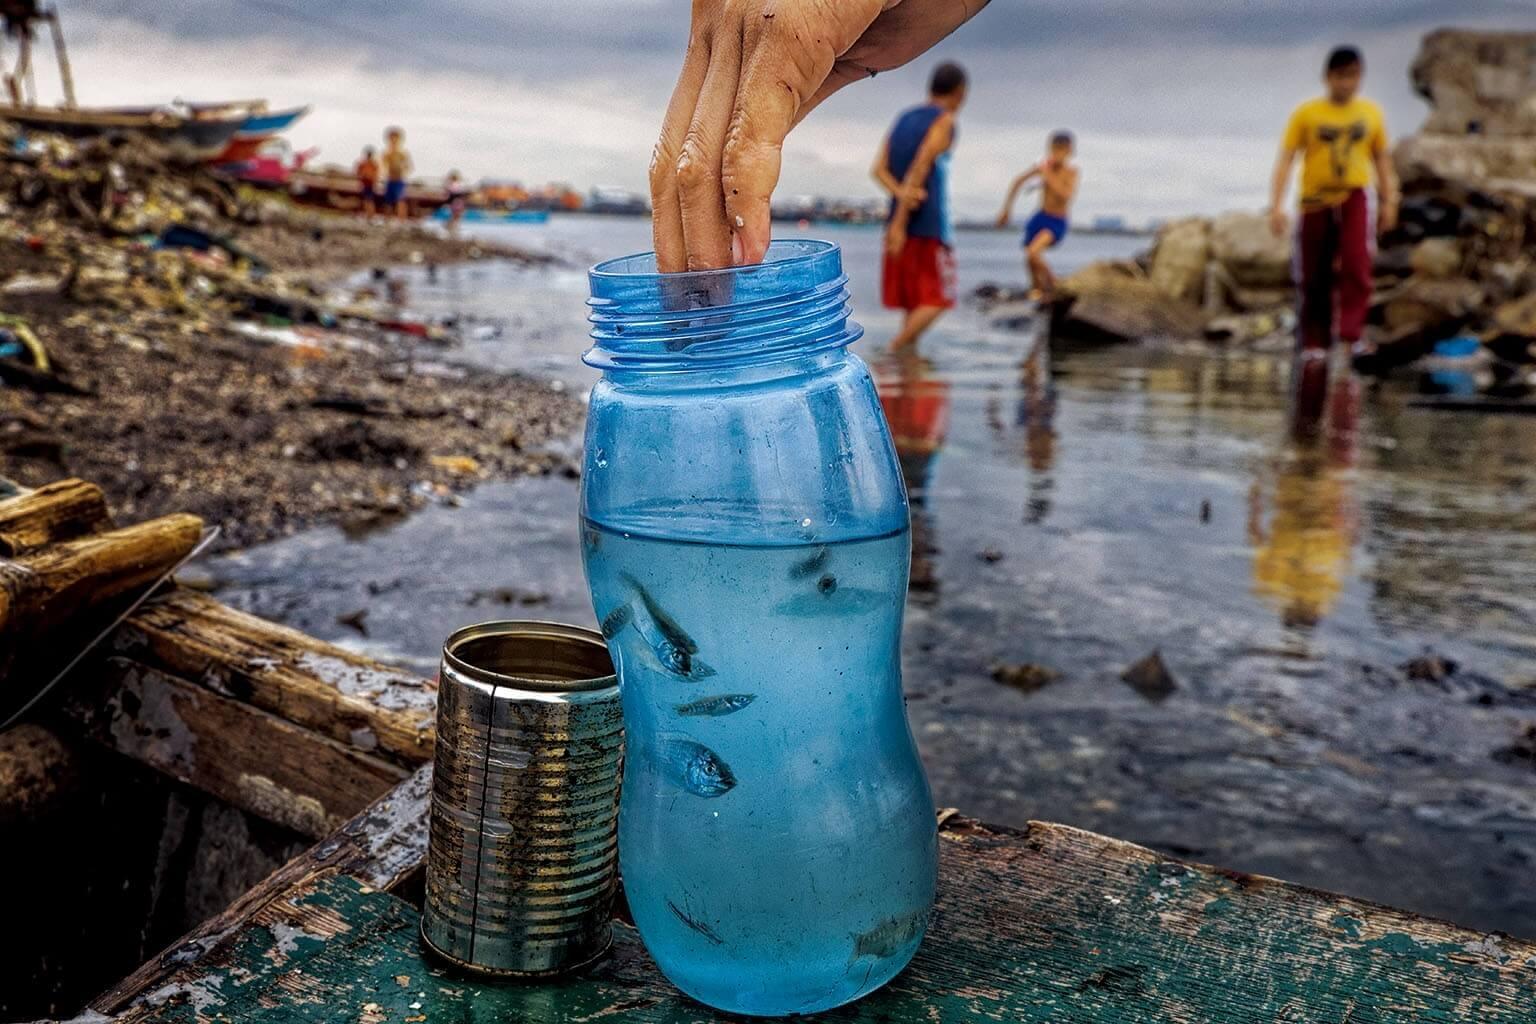 住在菲律賓馬尼拉灣的孵化場附近的孩子抓了這些魚,牠們的生態系受到家庭廢水、塑膠和其他垃圾的汙染。魚類食入的微塑膠是否影響人類仍然未知,但是科學家正在尋找答案。RANDY OLSON